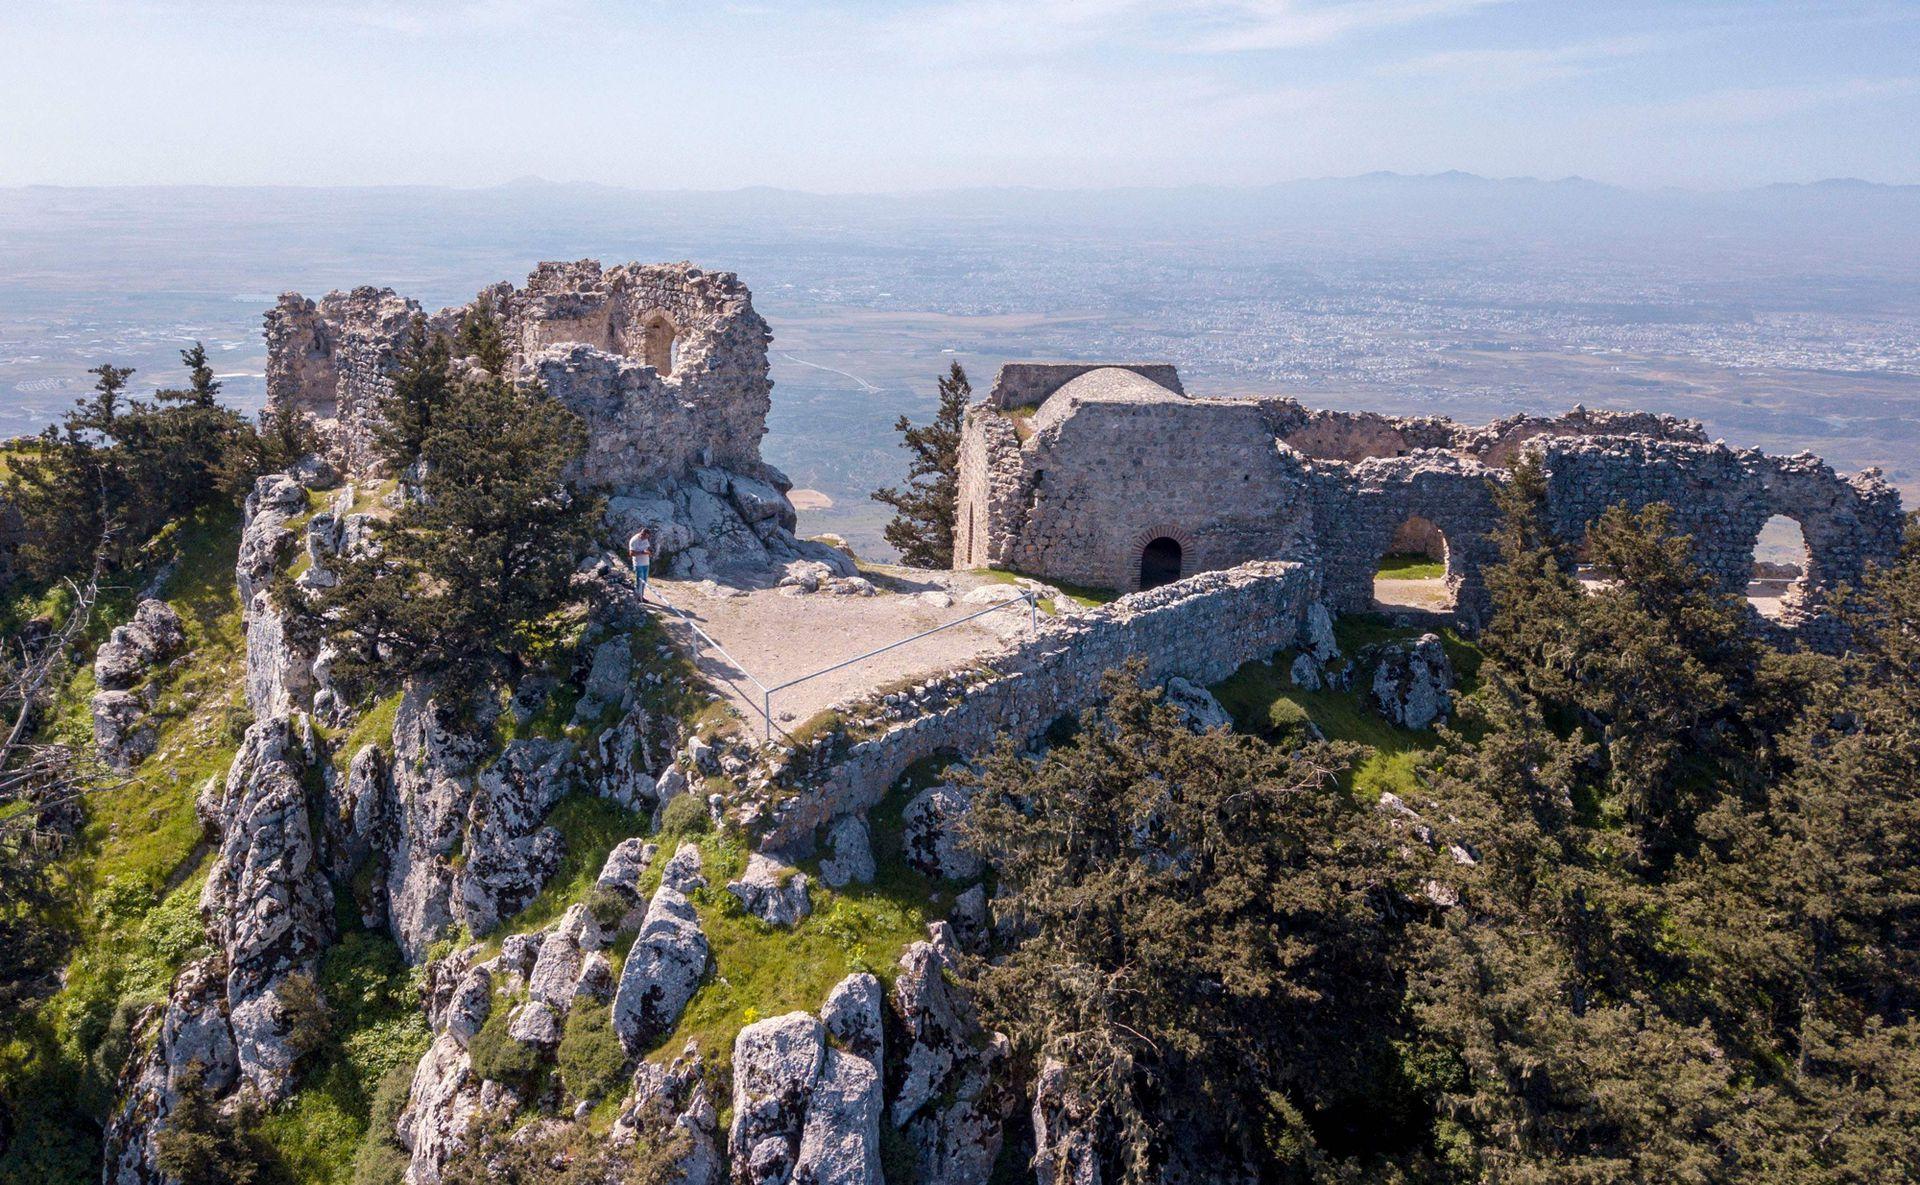 Pero hoy, Chipre sigue estando salpicada de castillos en ruinas herencia de los cruzados, como el de Kolossi, antaño base de la orden de los Caballeros Hospitalarios; o, en el norte, el castillo de San Hilarión, que domina majestuoso sobre el puerto de Kyrenia